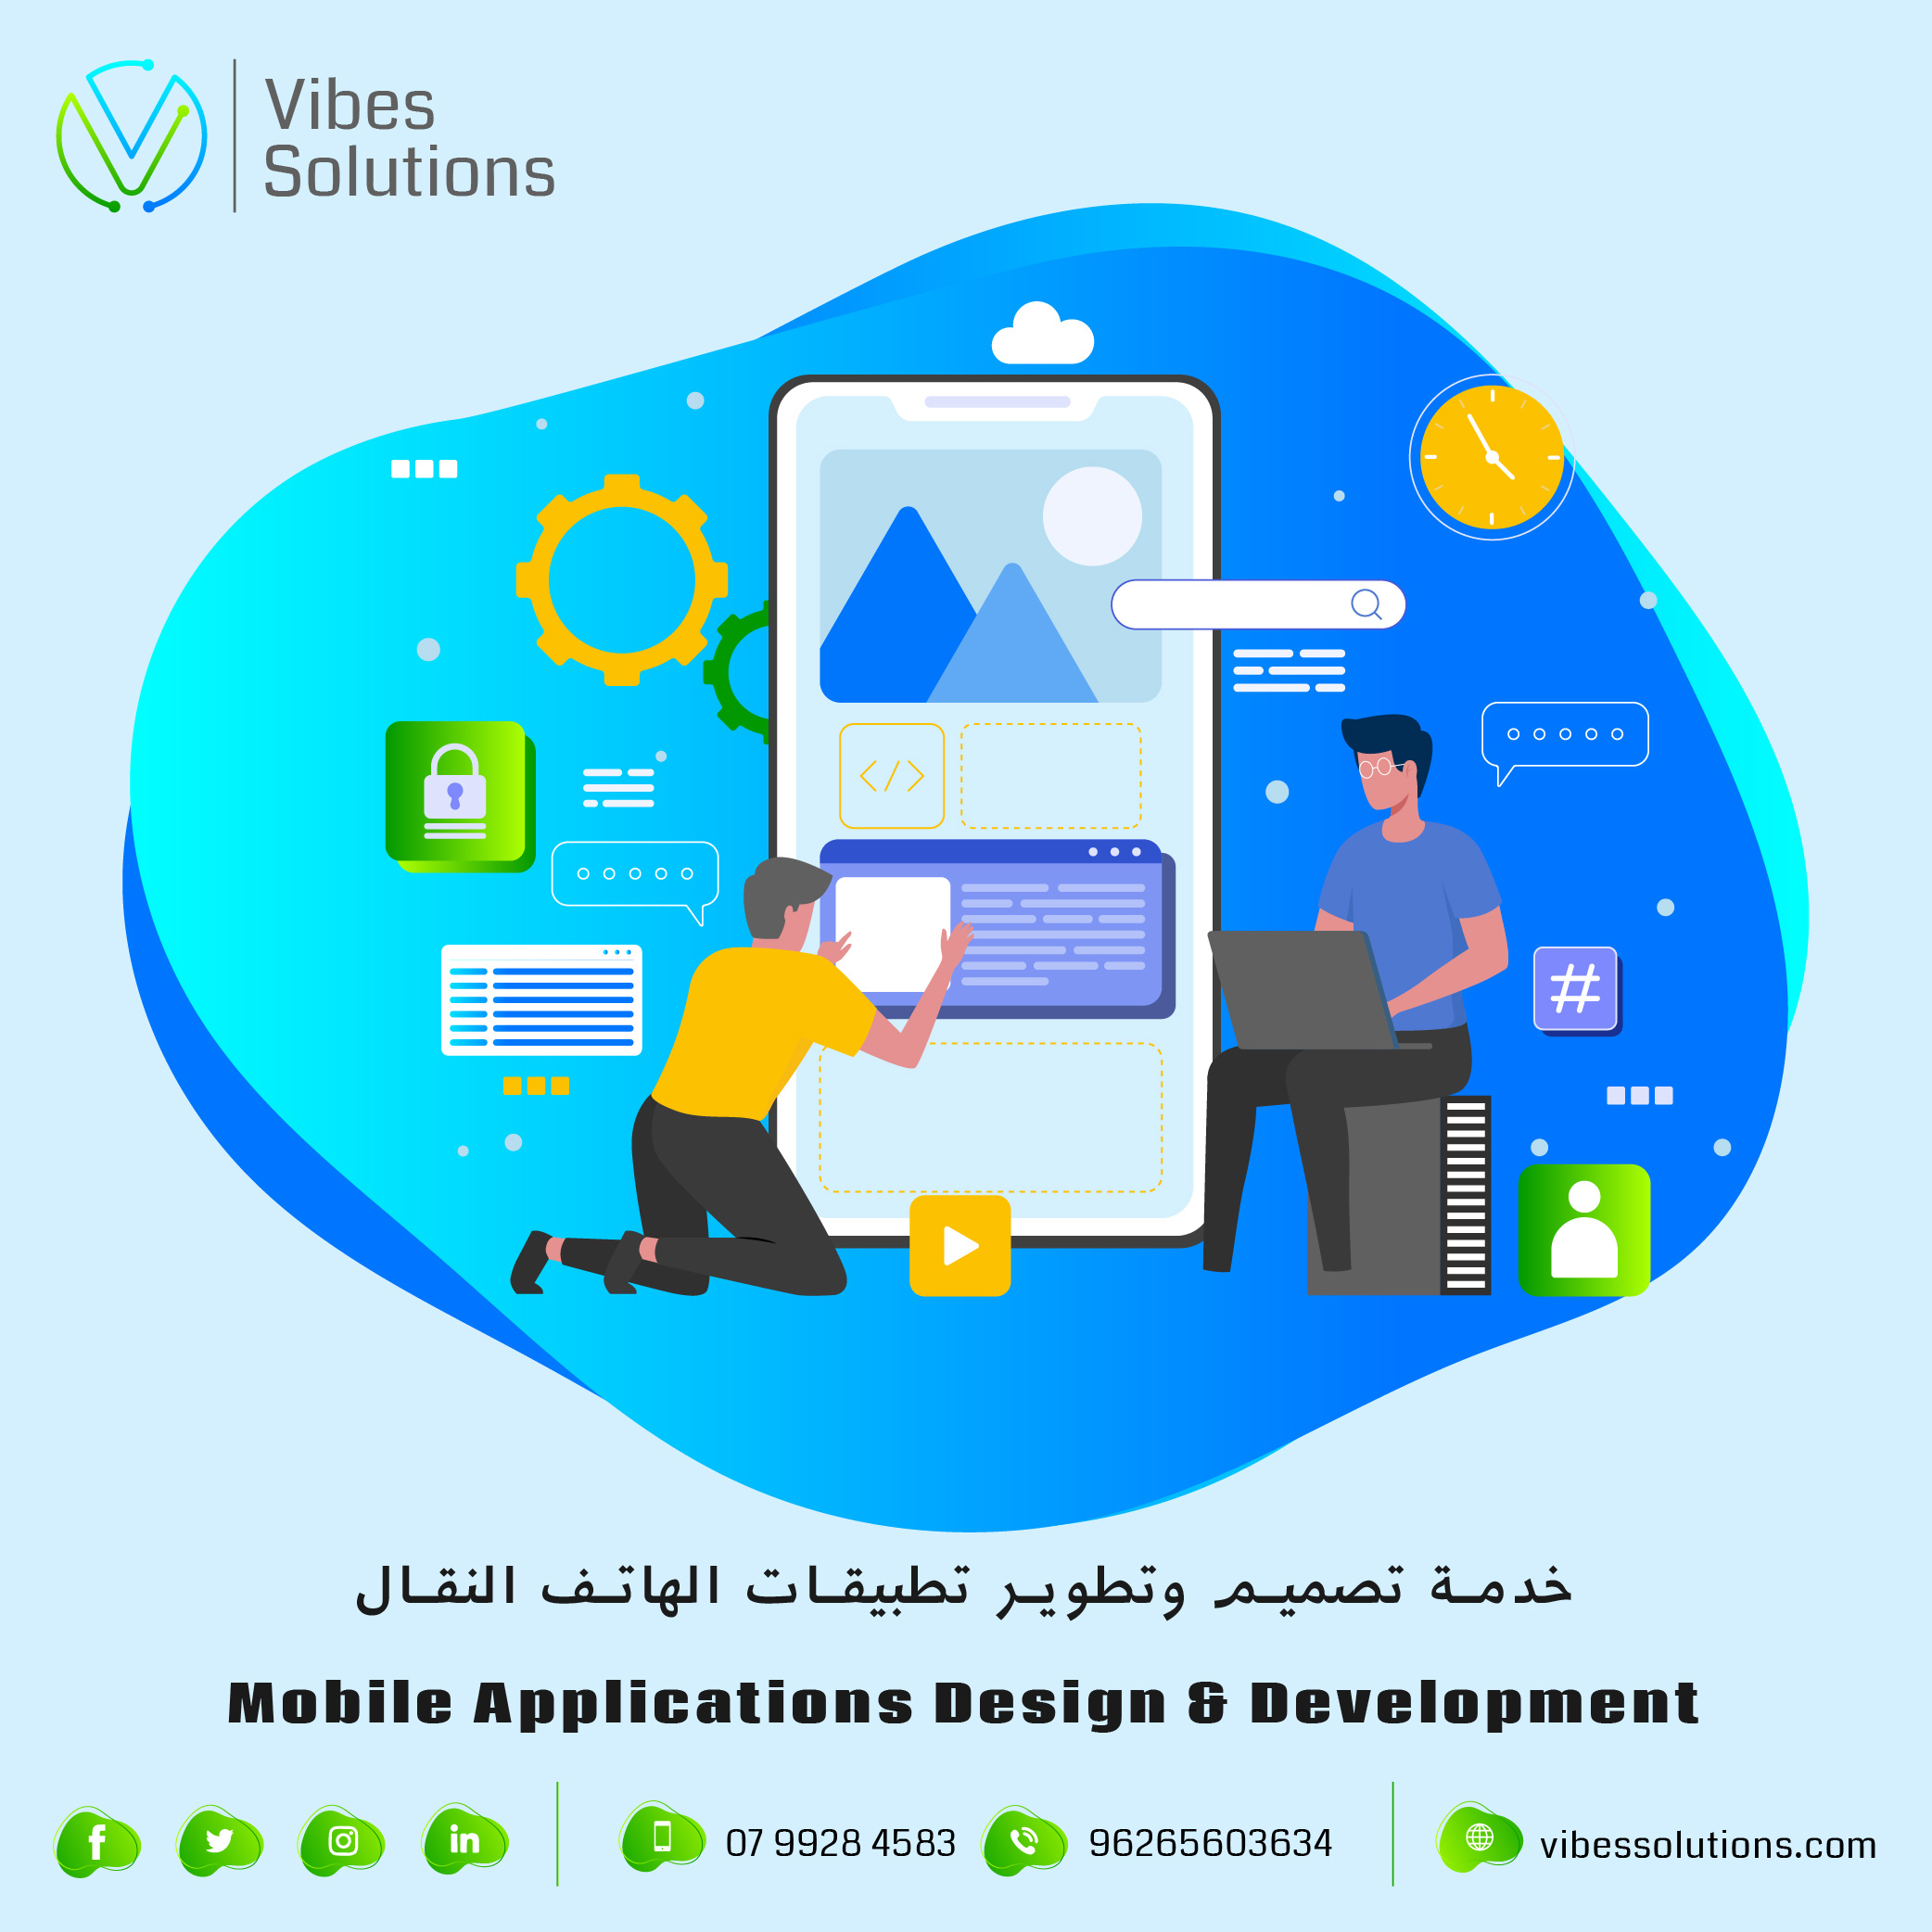 خدمات تصميم وتطوير تطبيقات الهاتف المحمول